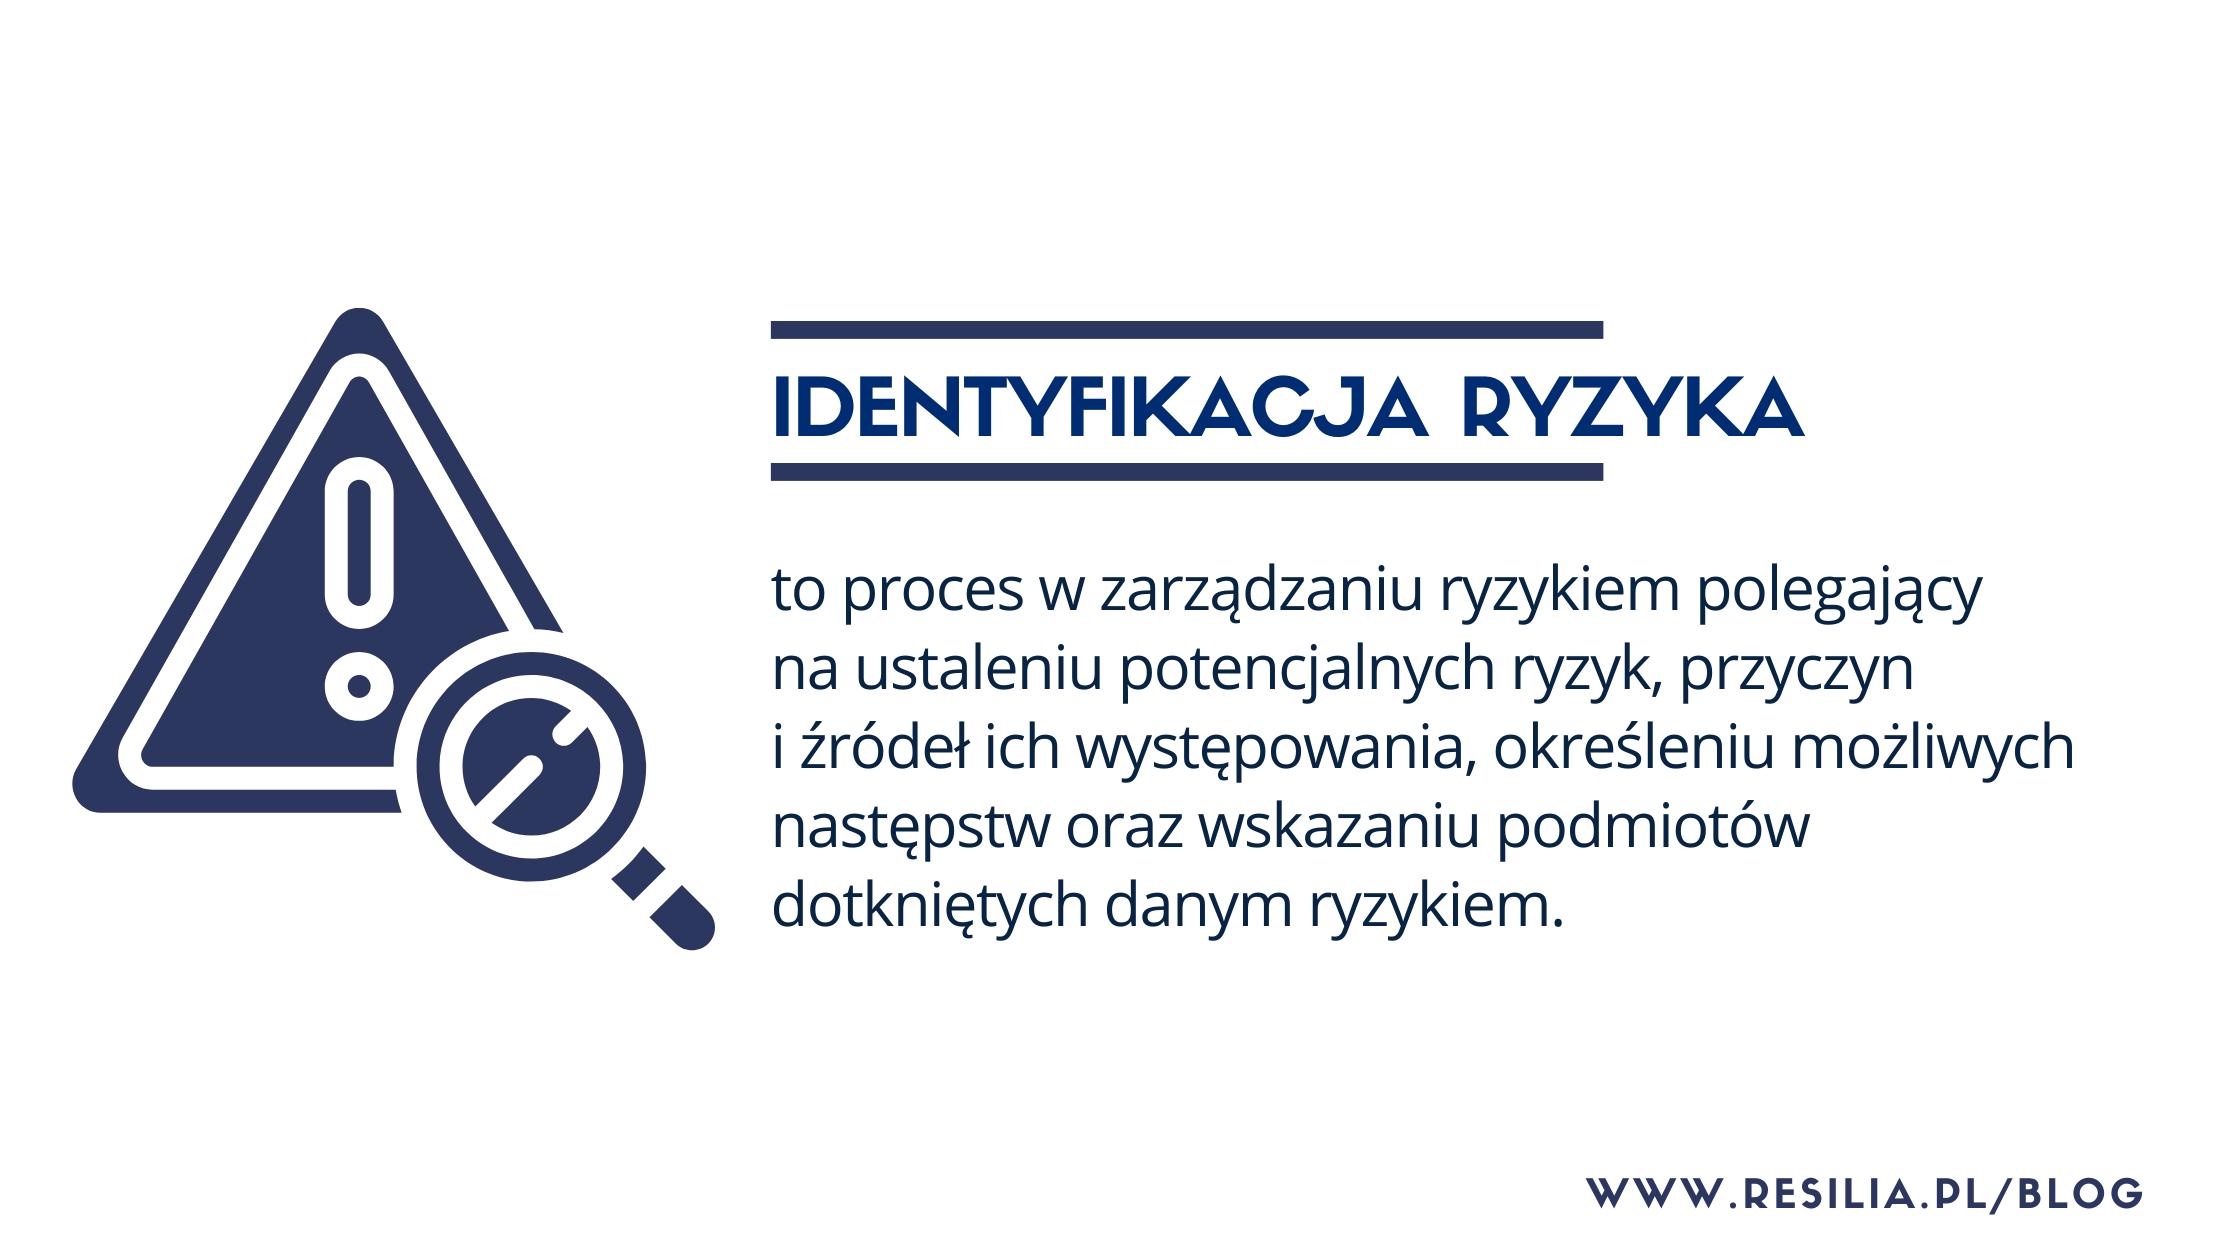 Identyfikacja ryzyka - definicja